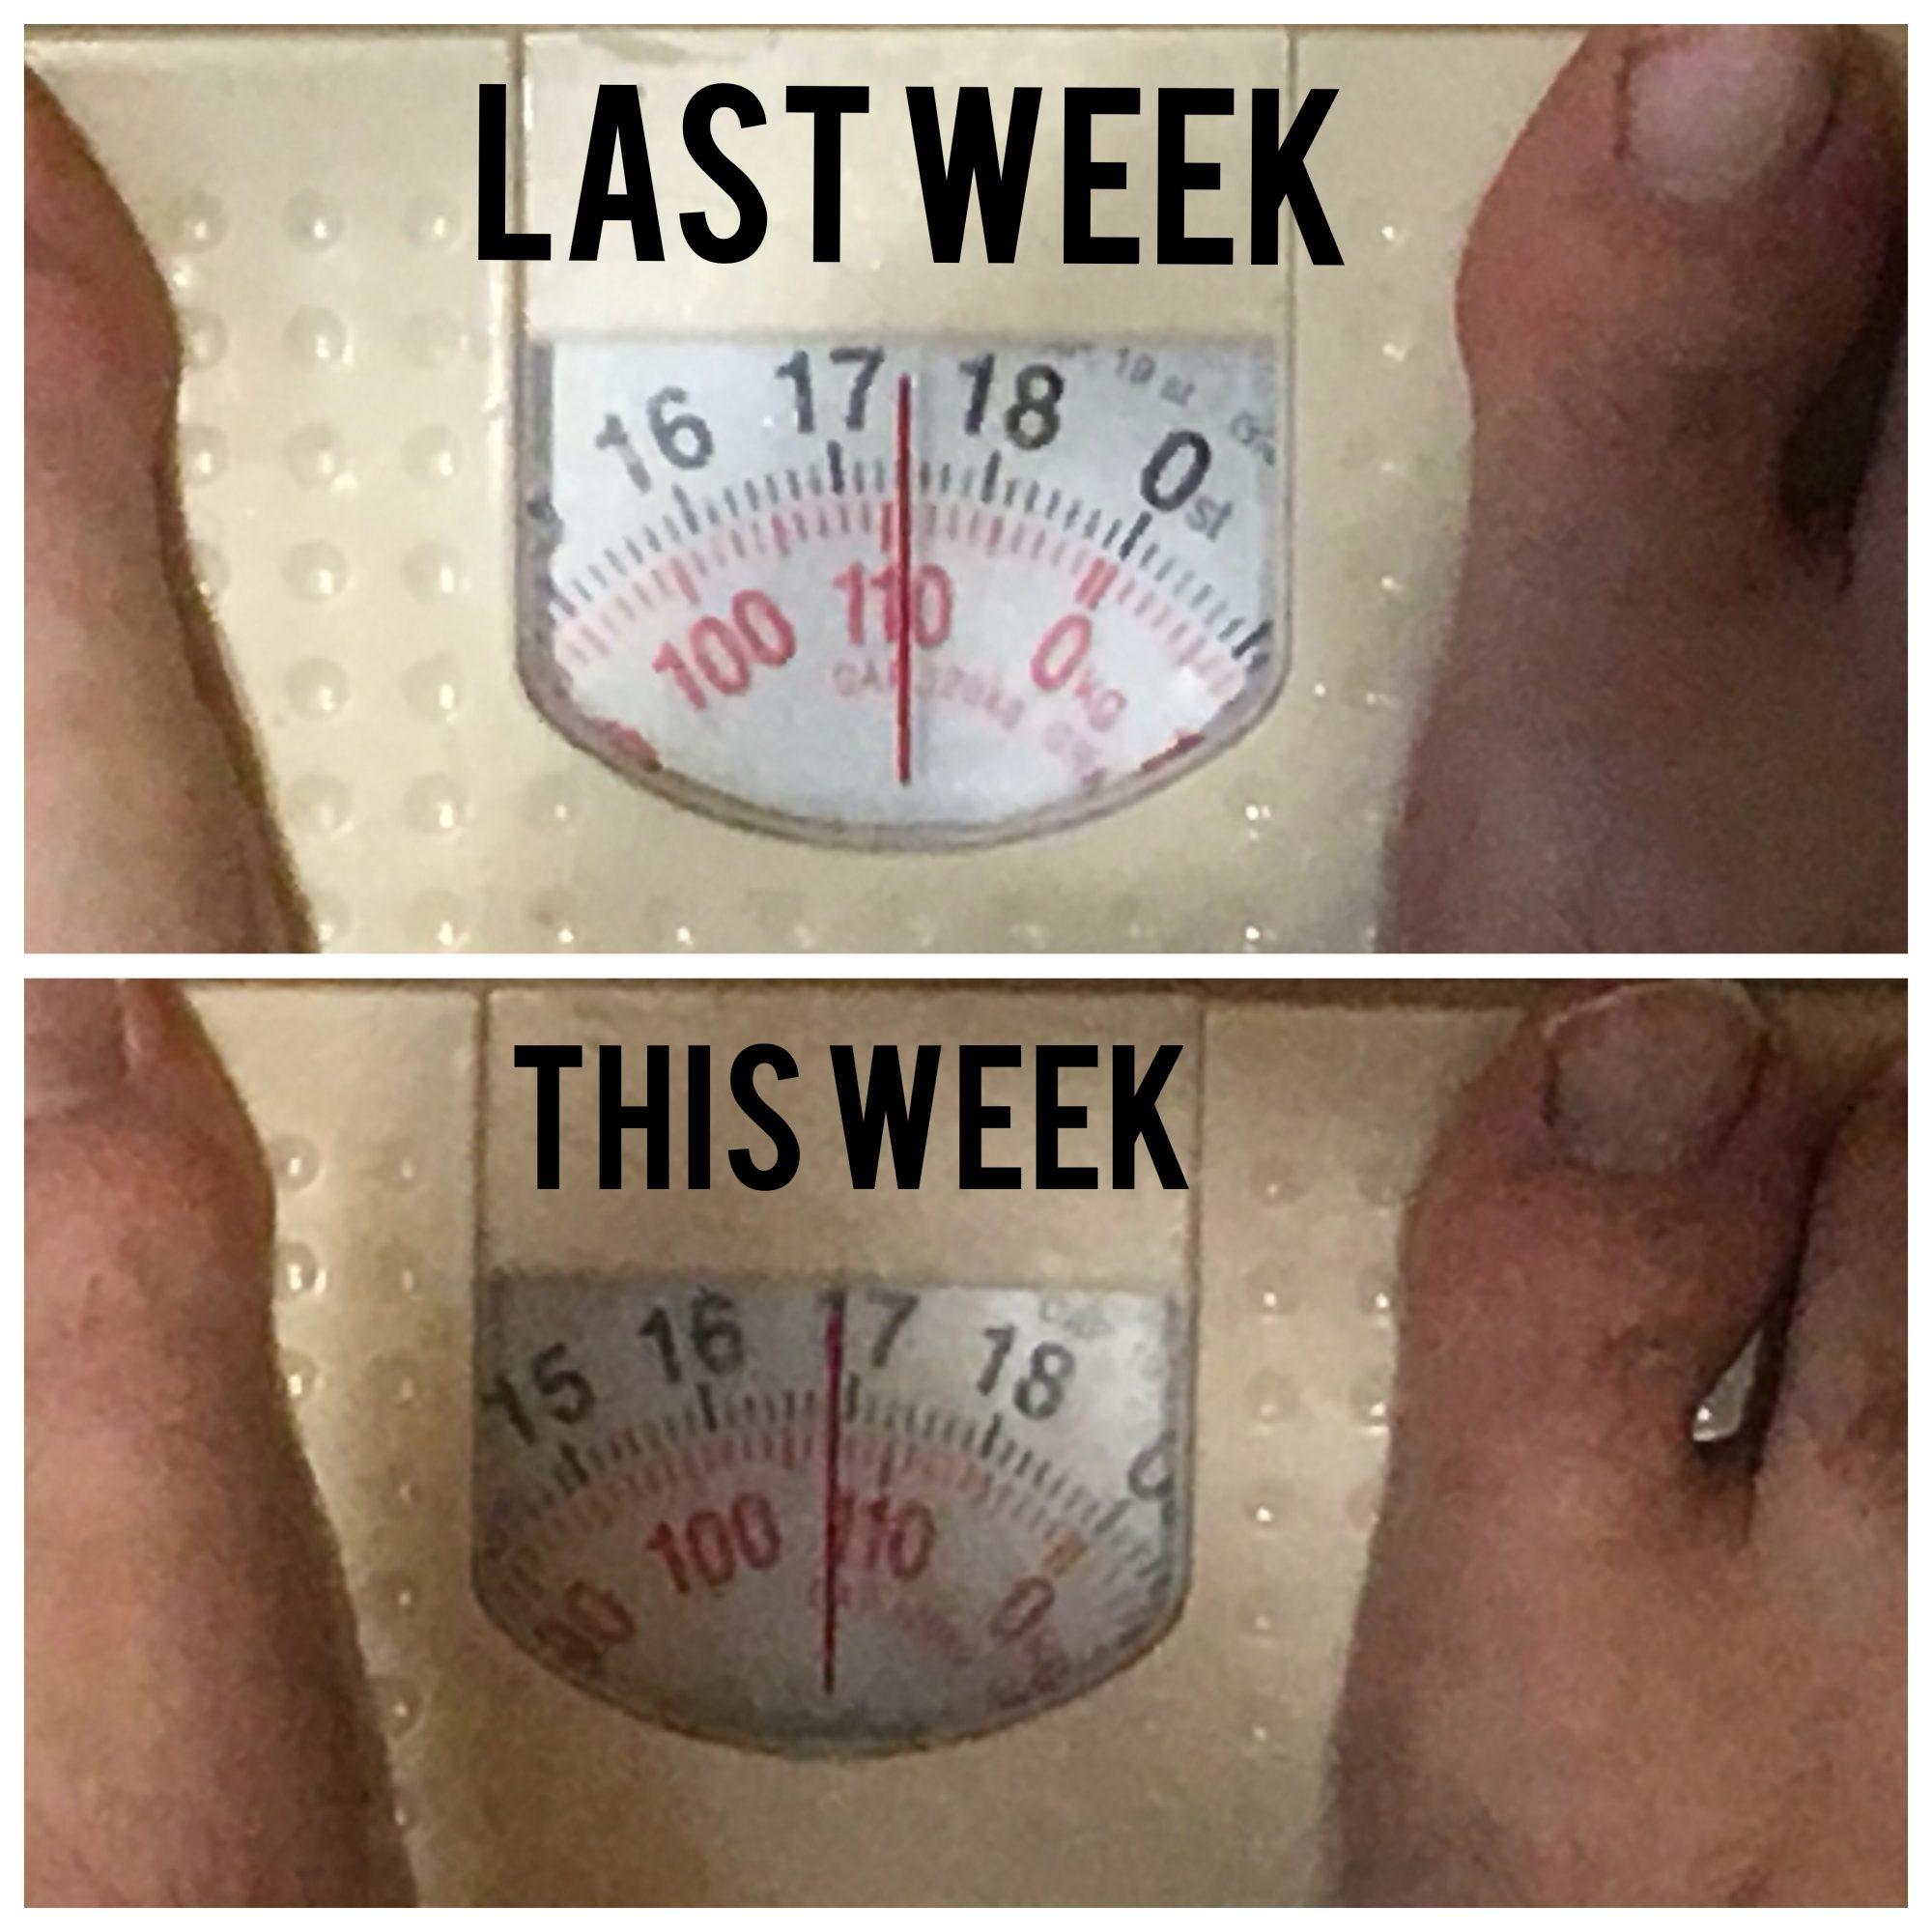 Day 5 Low Sugar Diet Update